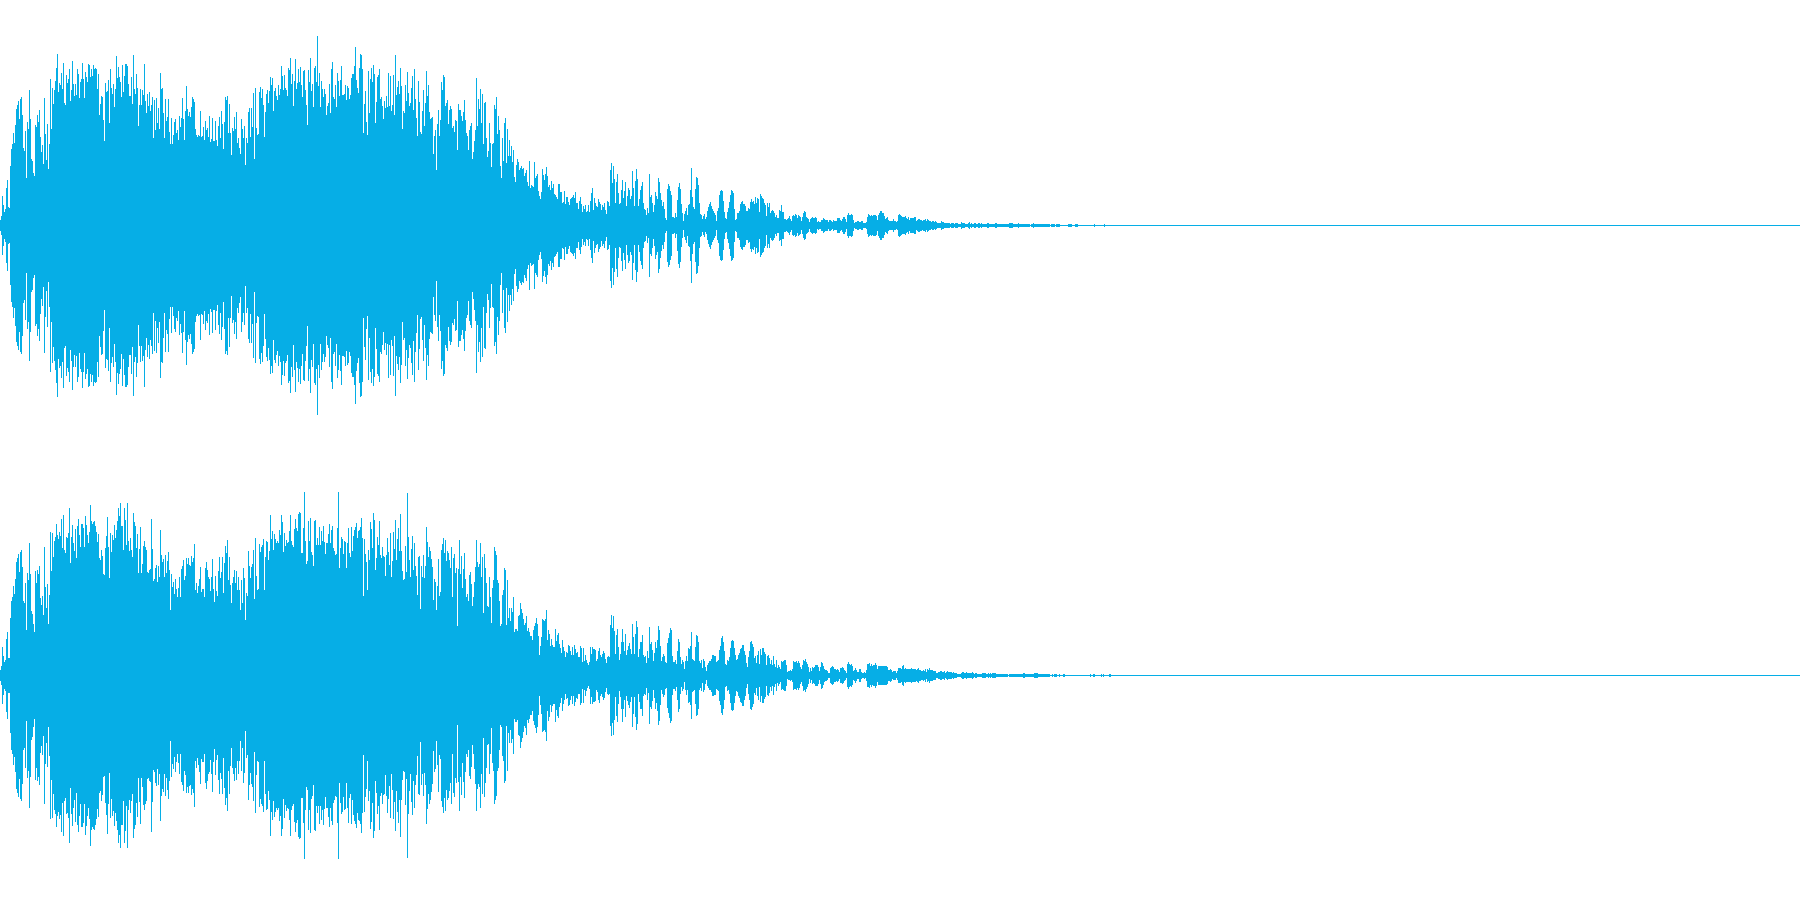 スパーク音-13の再生済みの波形